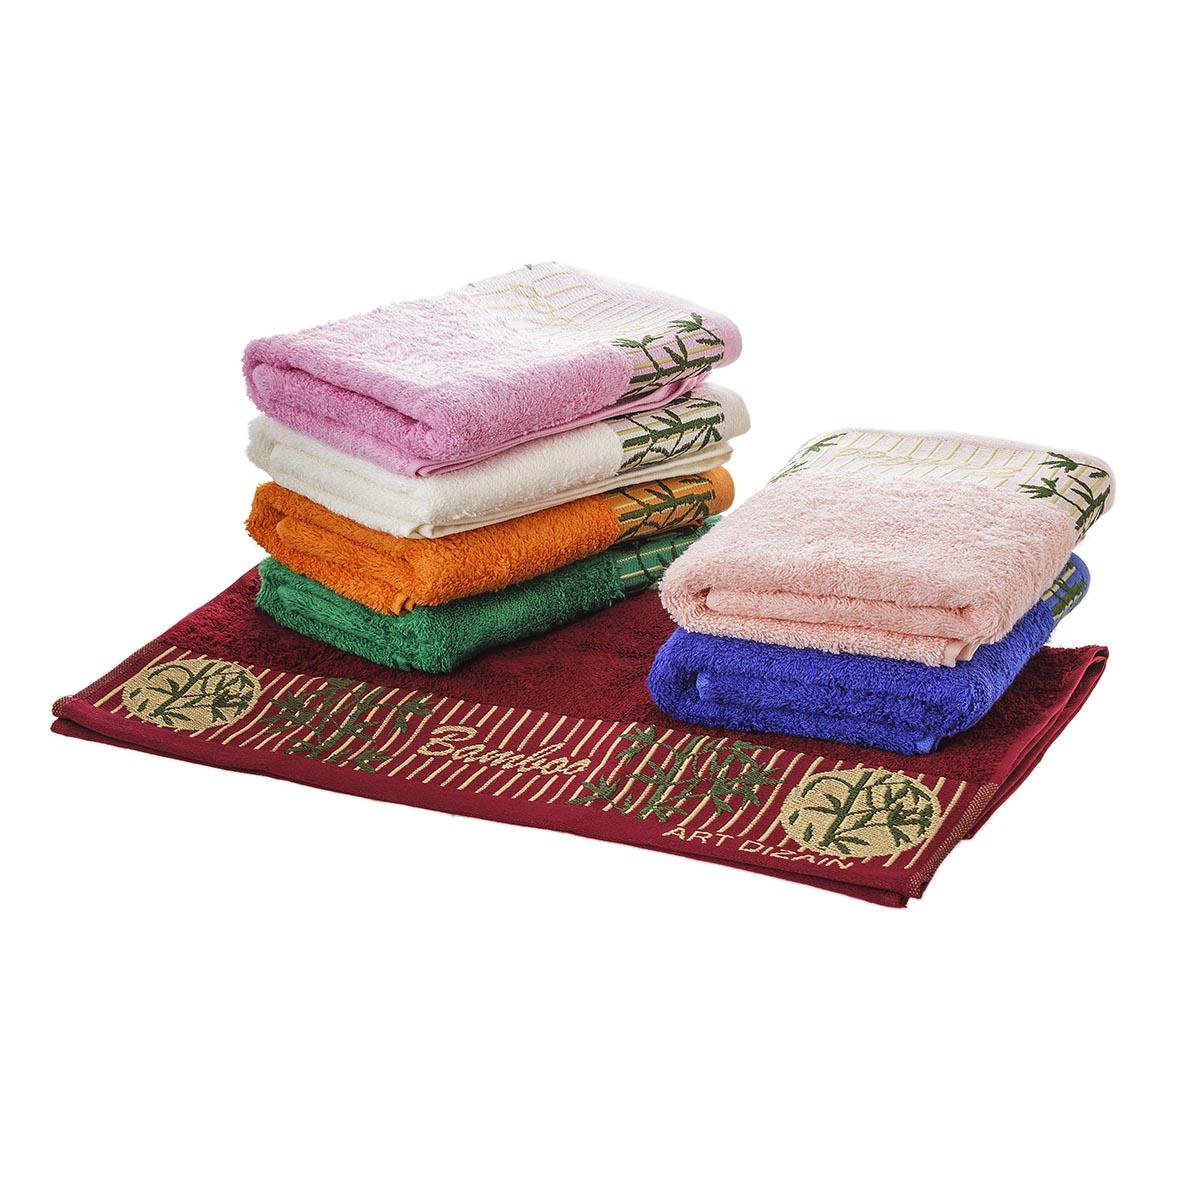 Набор полотенец Бамбук, цвет ПерсиковыйМахровые полотенца<br>Плотность ткани:480 г/кв. м<br><br>Тип: Полотенце<br>Размер: -<br>Материал: Бамбук